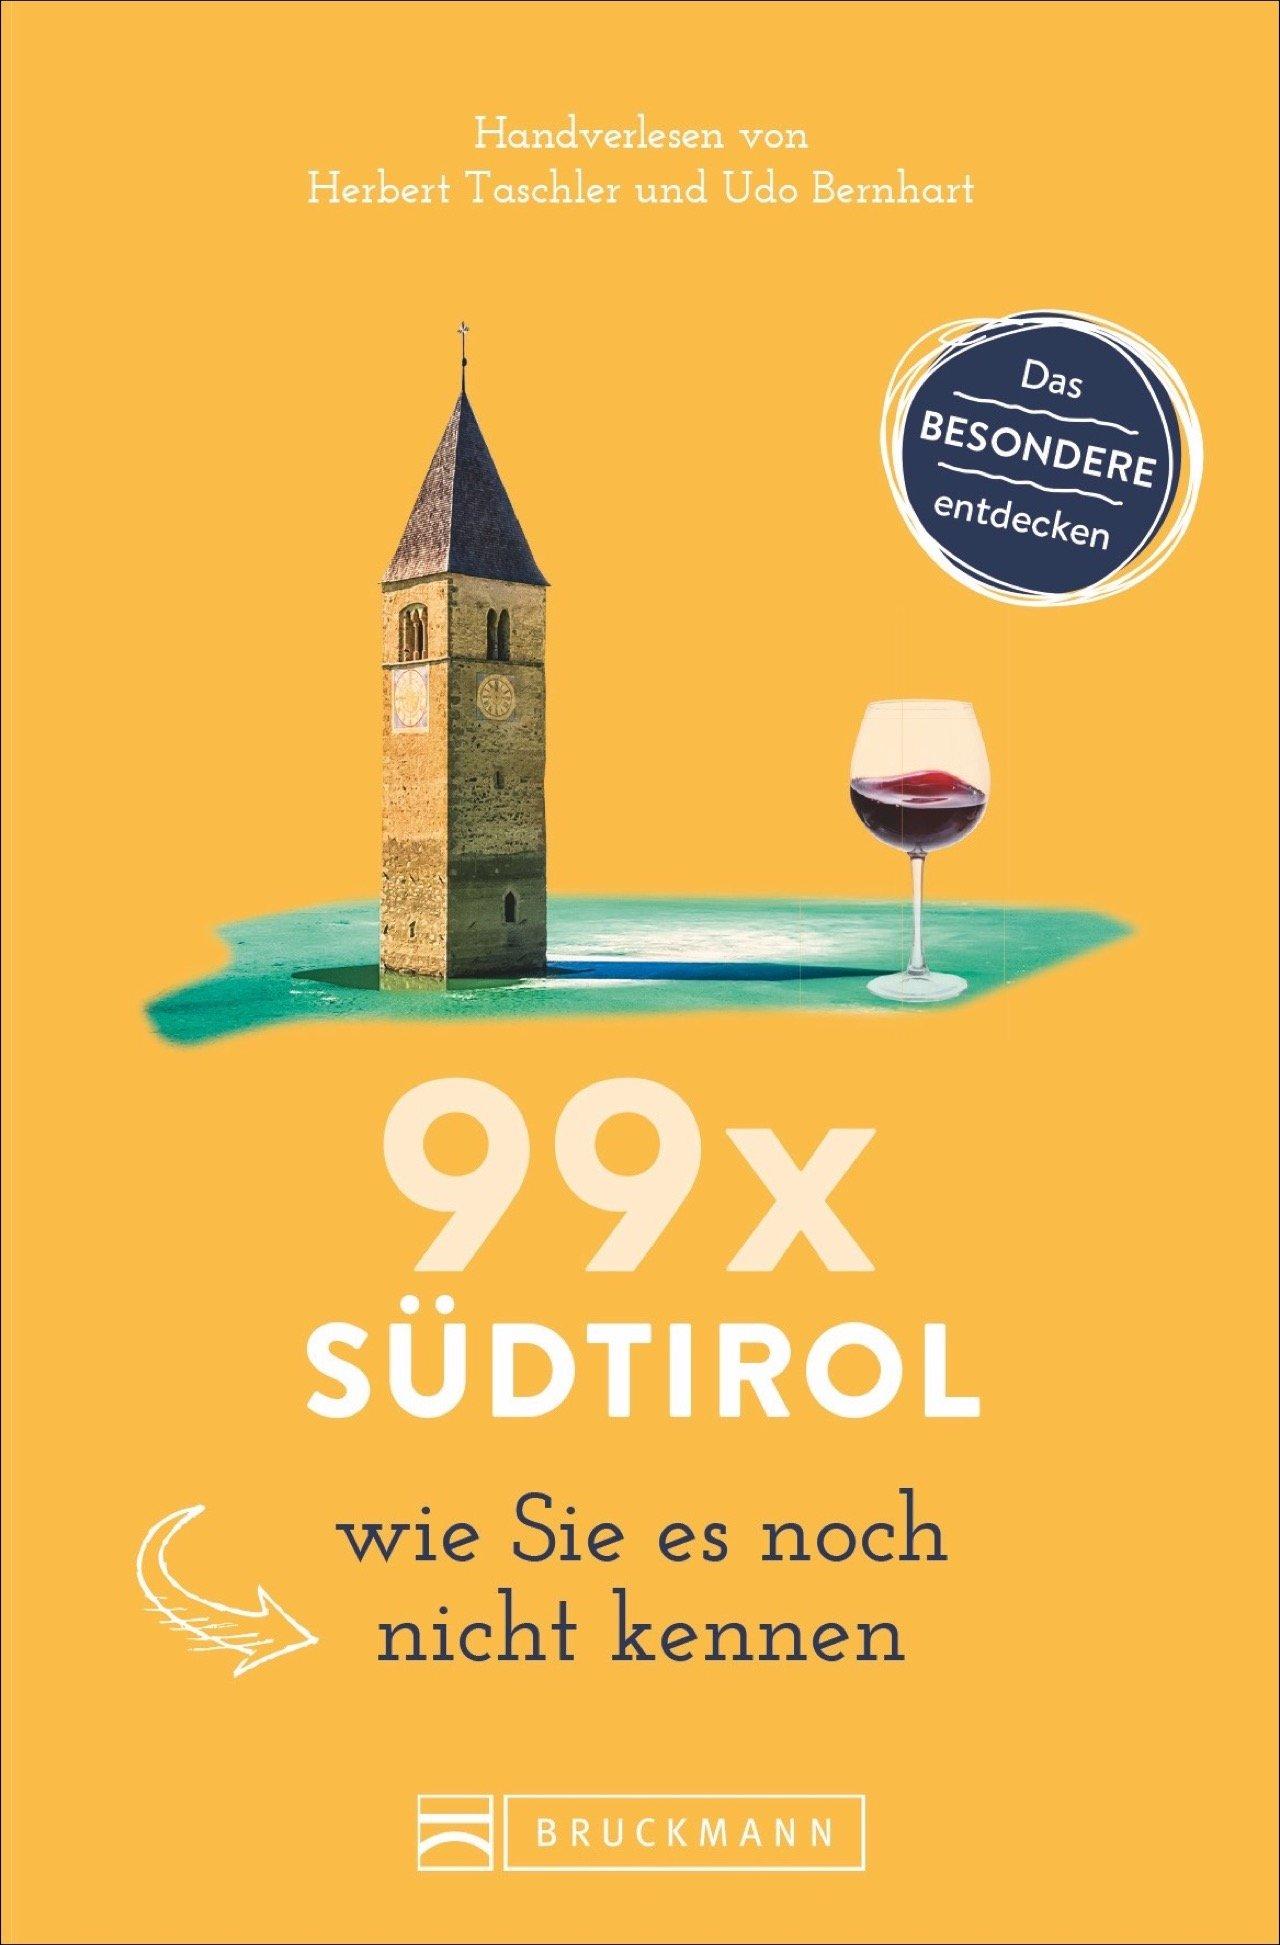 Bruckmann Reiseführer: 99 x Südtirol wie Sie es noch nicht kennen. 99x Kultur, Natur, Essen und Hotspots abseits der bekannten Highlights. NEU 2018.